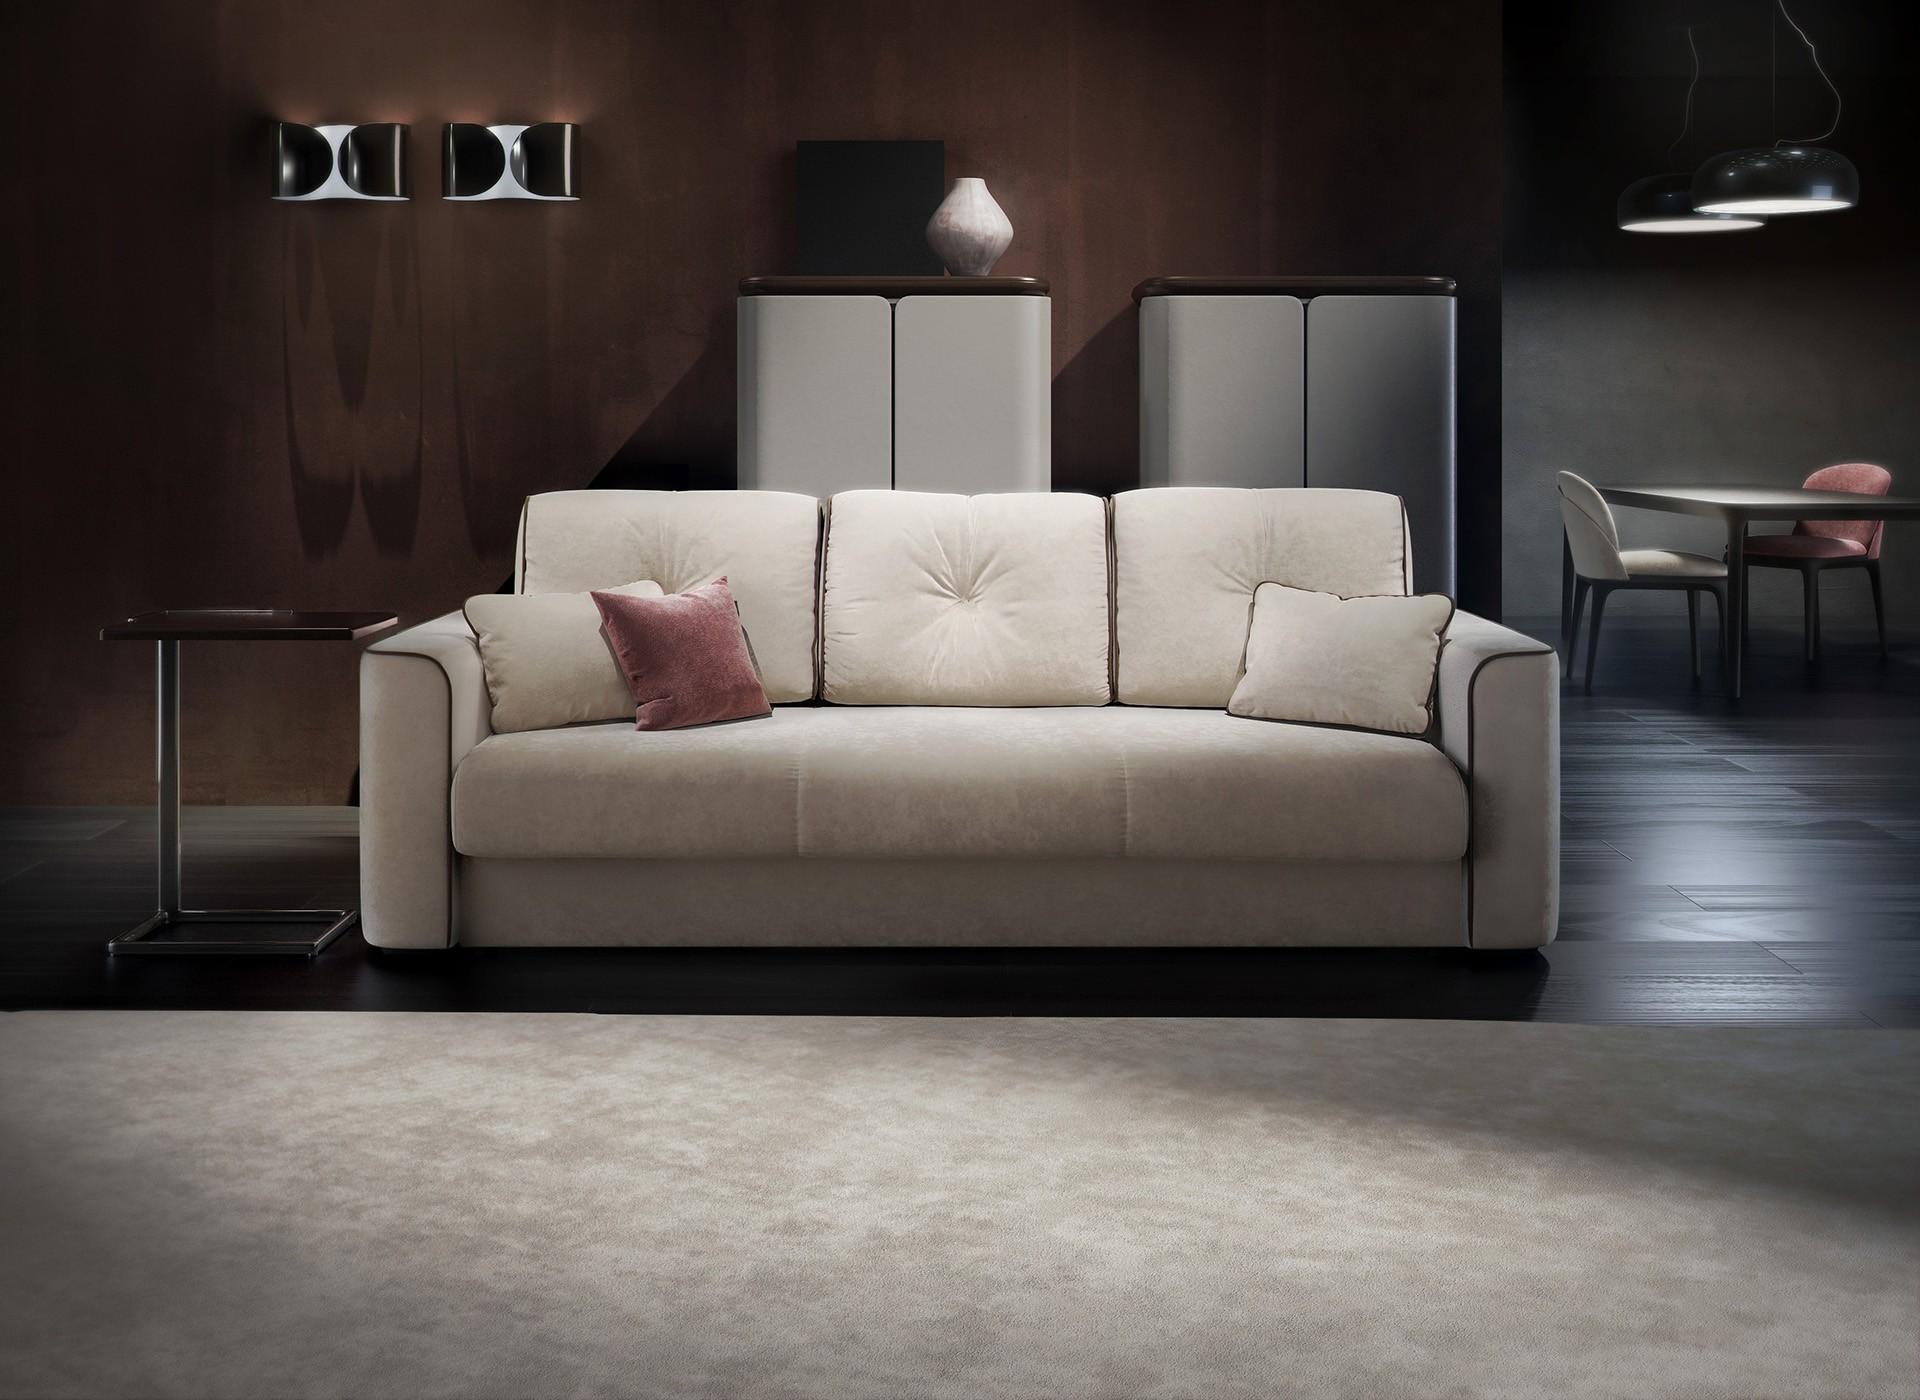 Обзор диванов Мун и их функциональные особенности